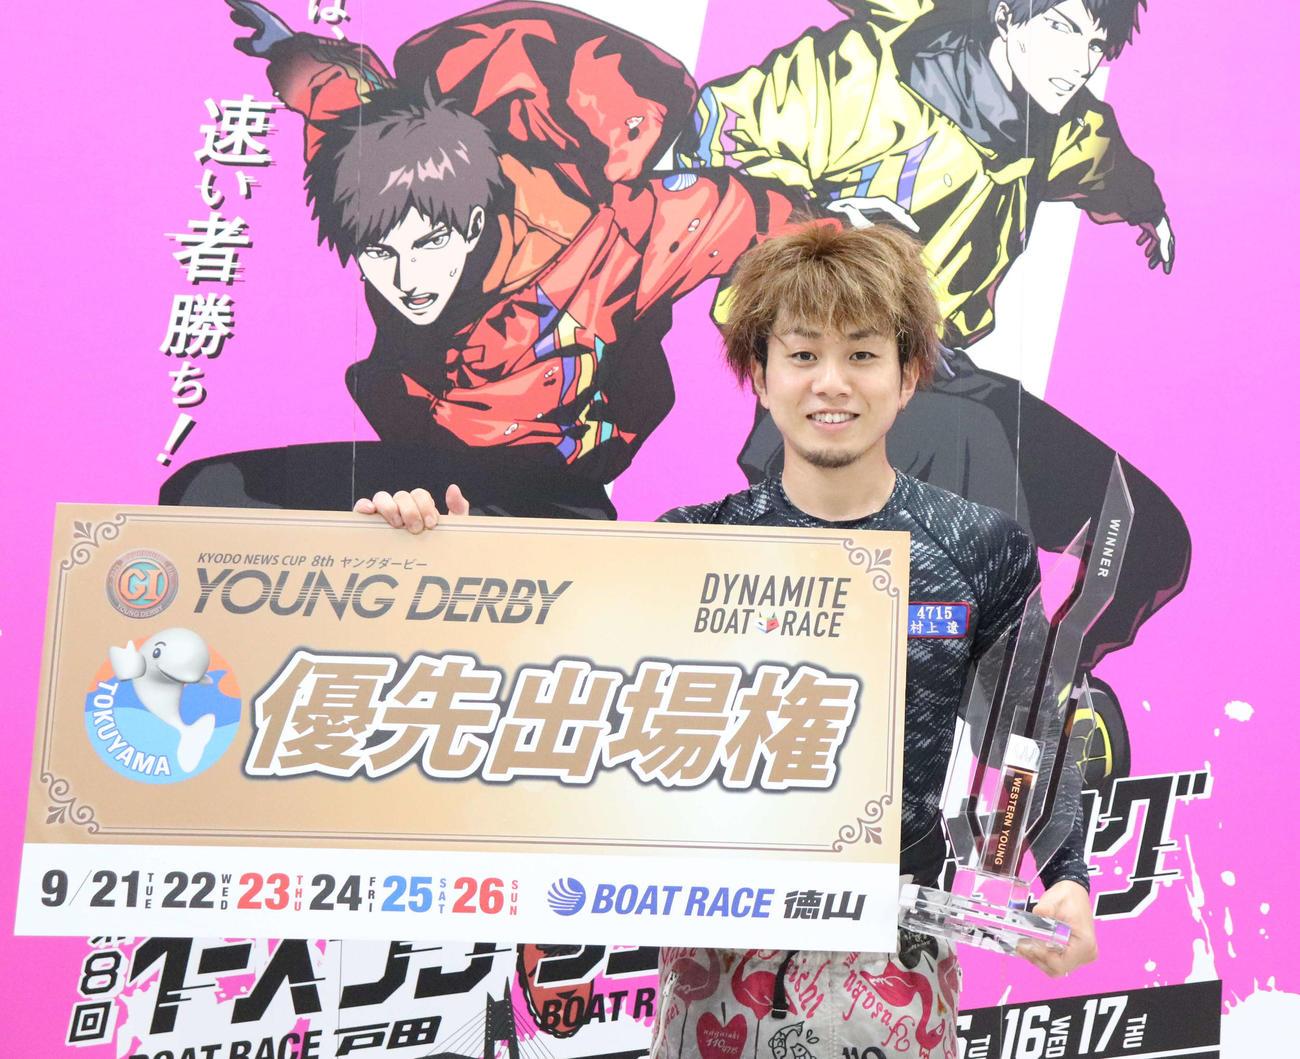 村上遼がG3ウエスタンヤングを堂々のイン逃げで優勝した